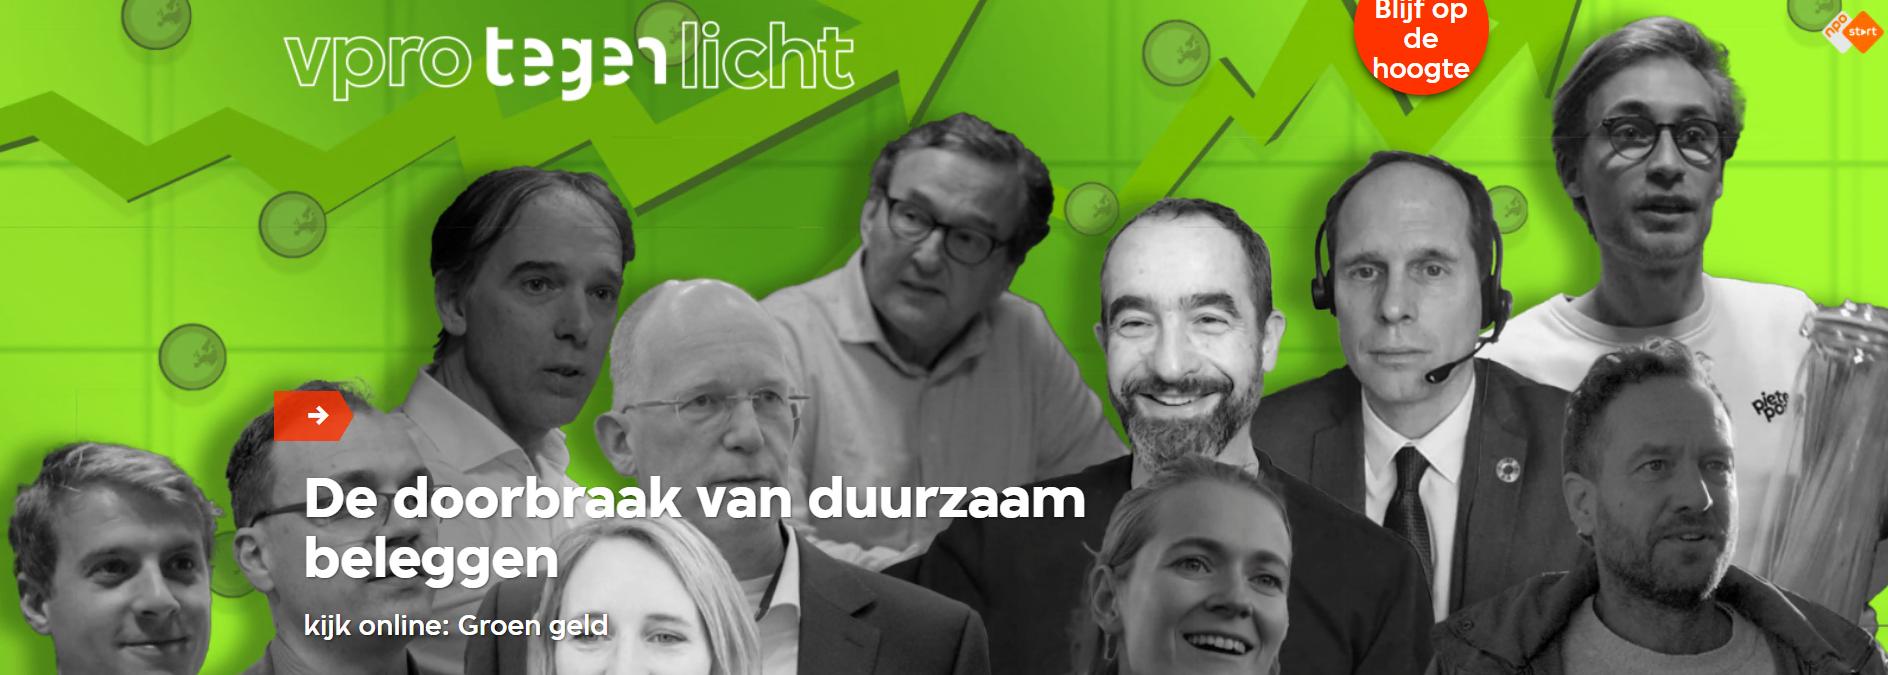 Fair Capital Partners in VPRO Tegenlicht: 'Groen geld'